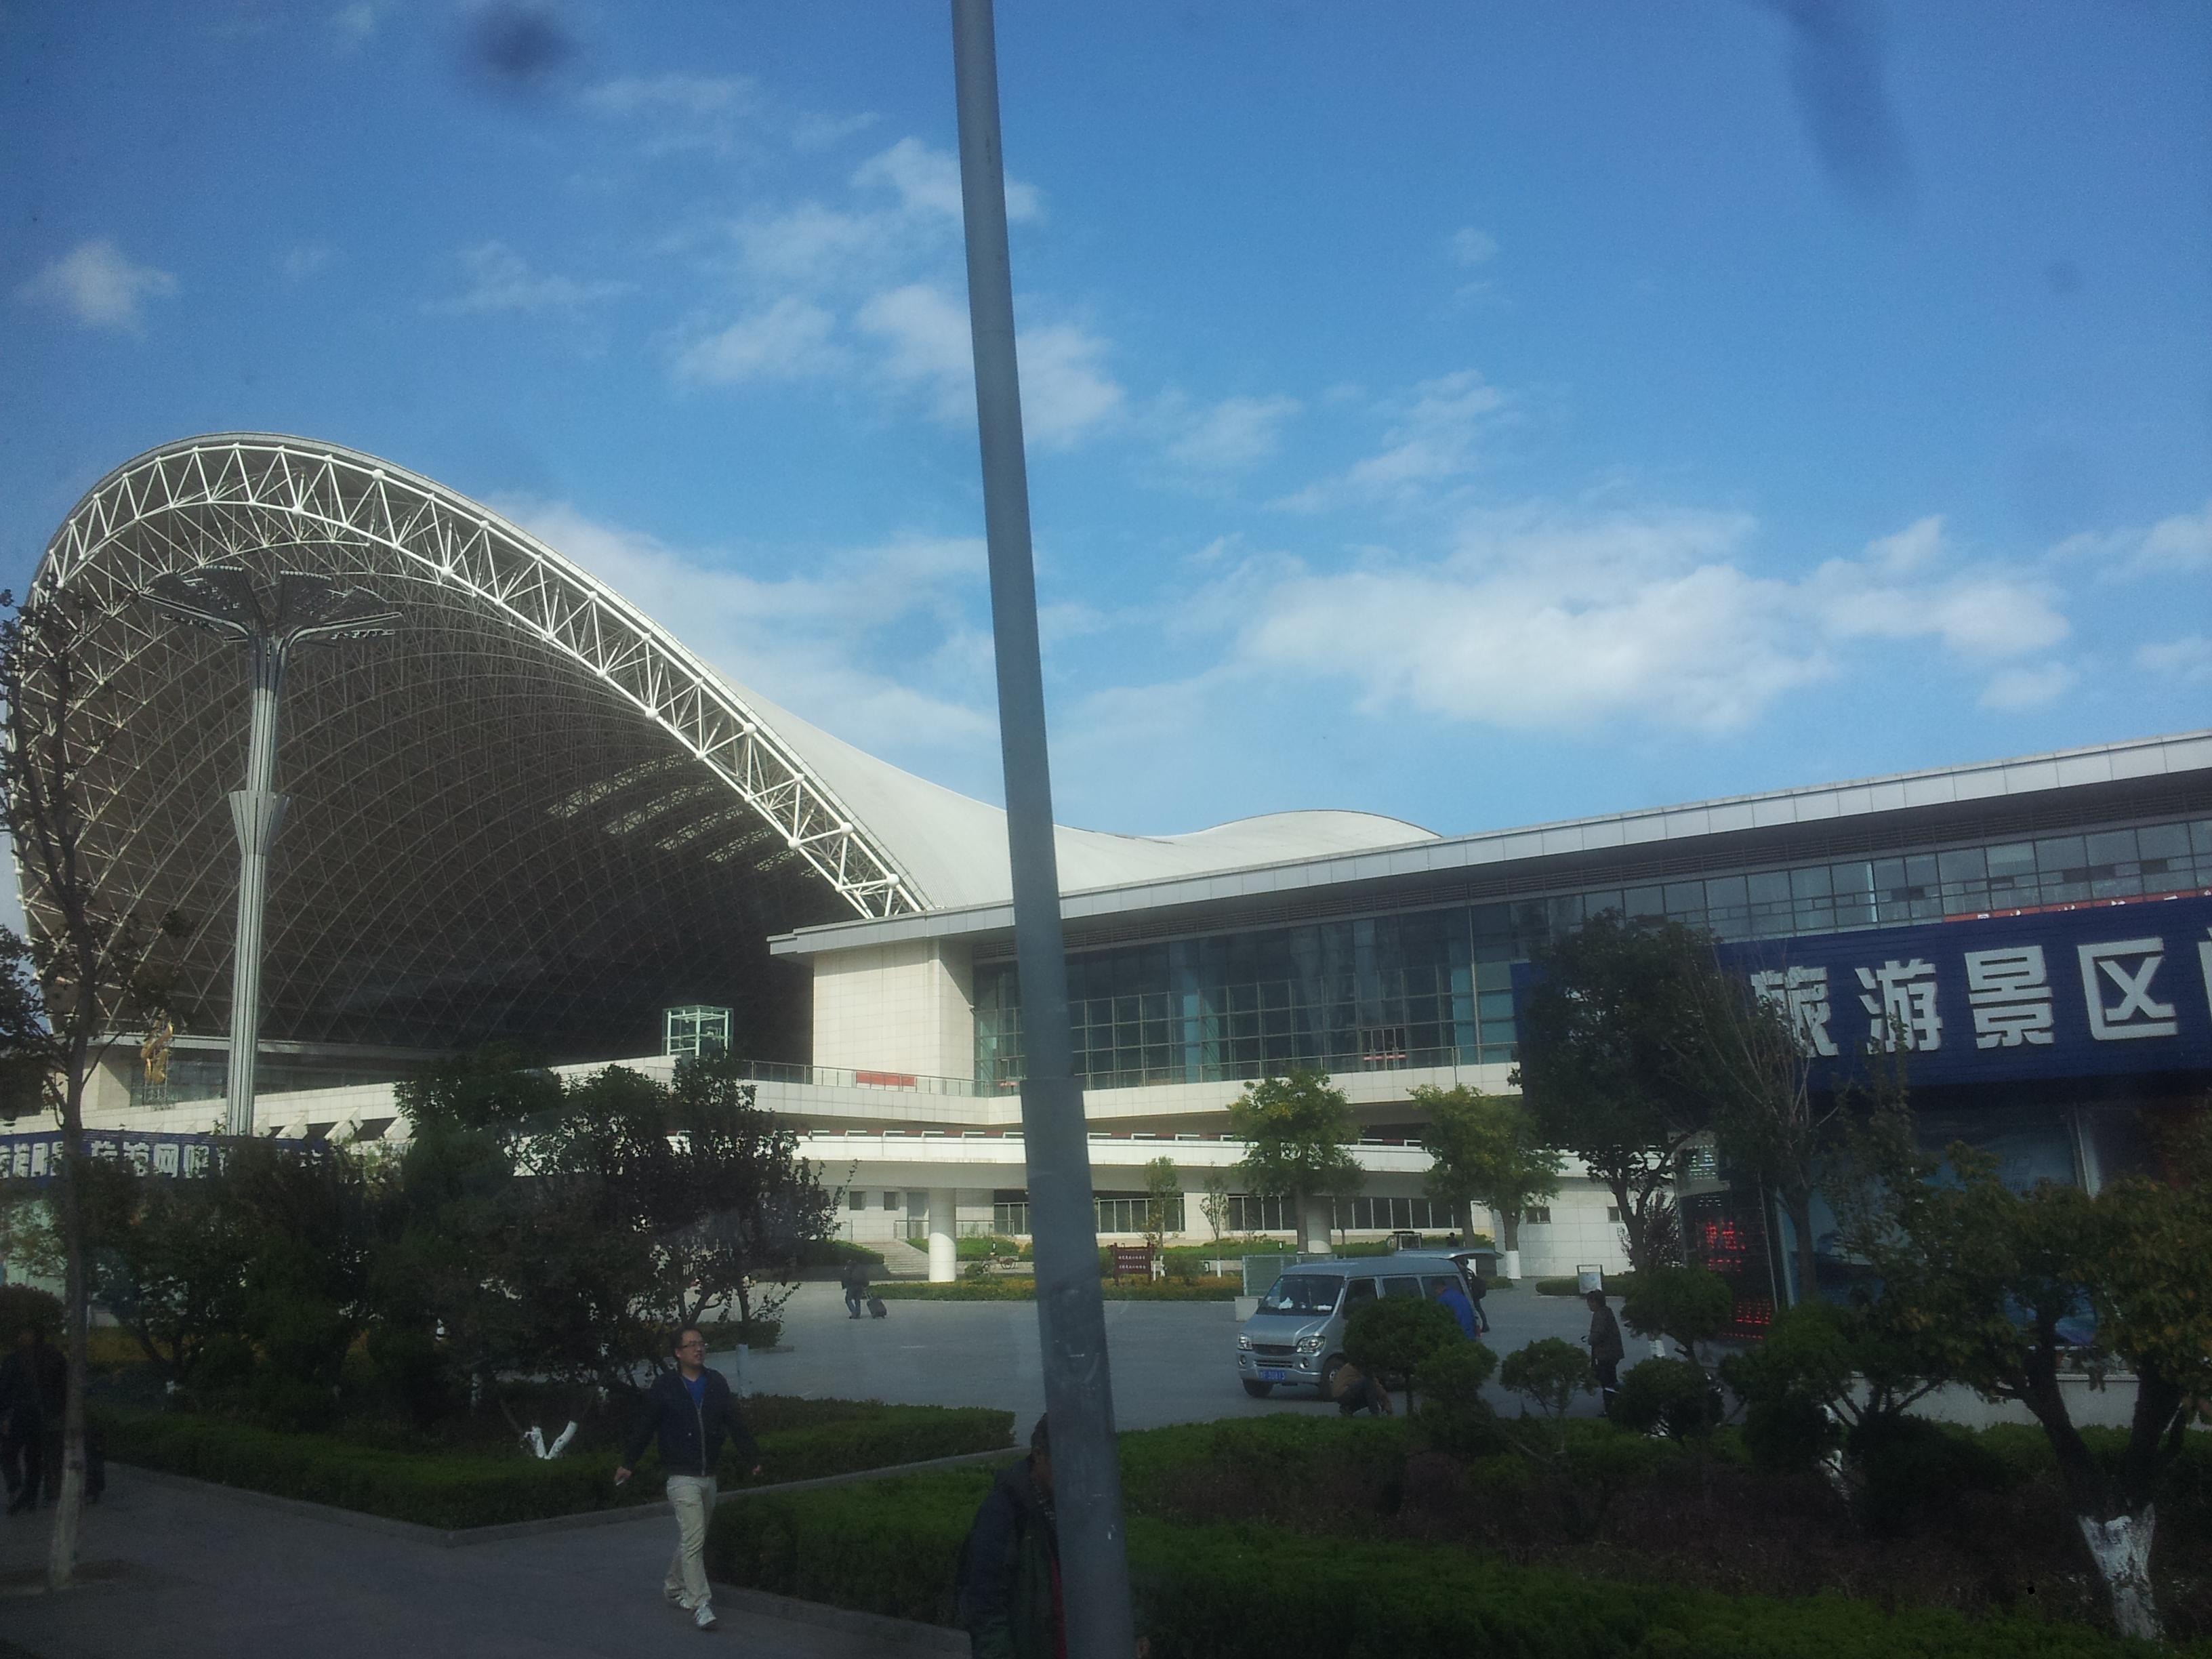 虹桥火车站附近宾馆 长沙火车站附近有鸡吗